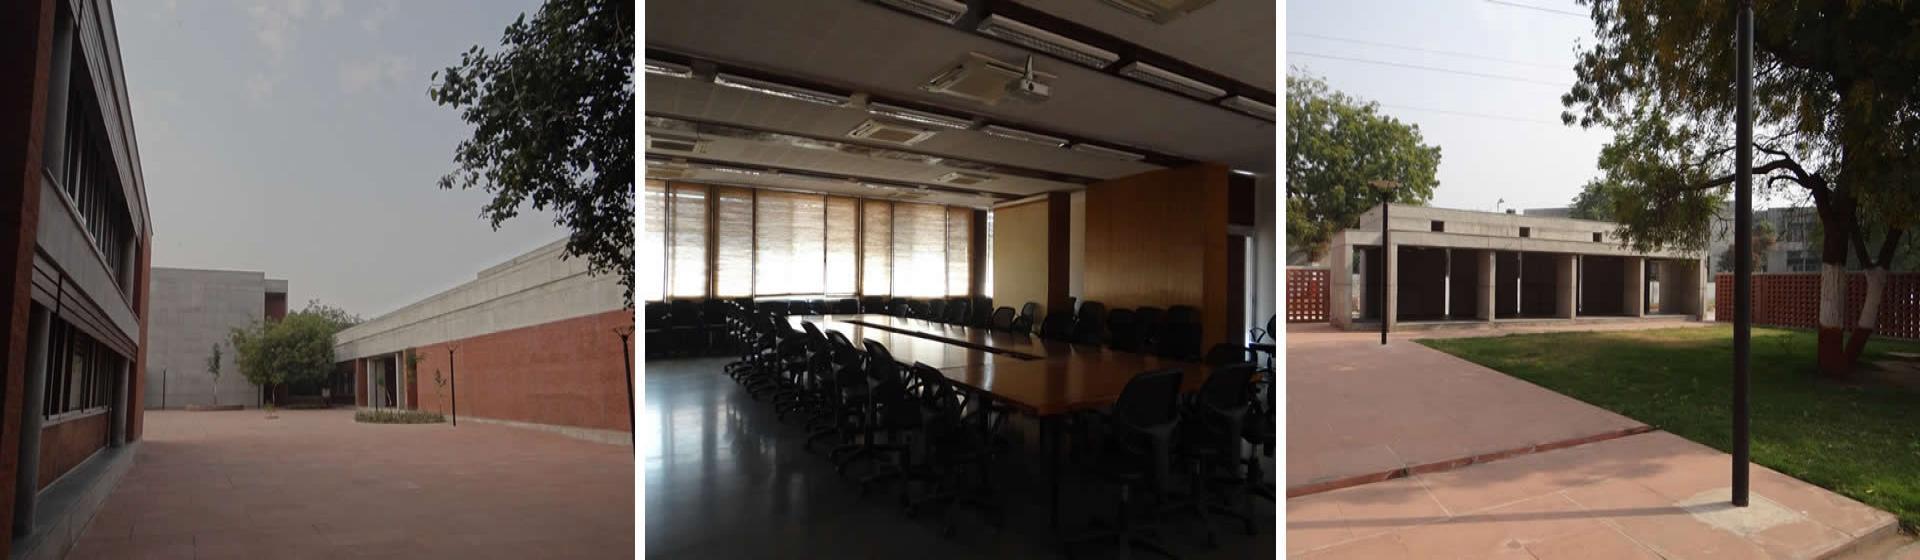 નોલેજ કન્સોર્ટિયમ ઓફ ગુજરાત - ઓફિસ,  કેમ્પસ એન્ડ સેમિનાર હોલ ફોટો